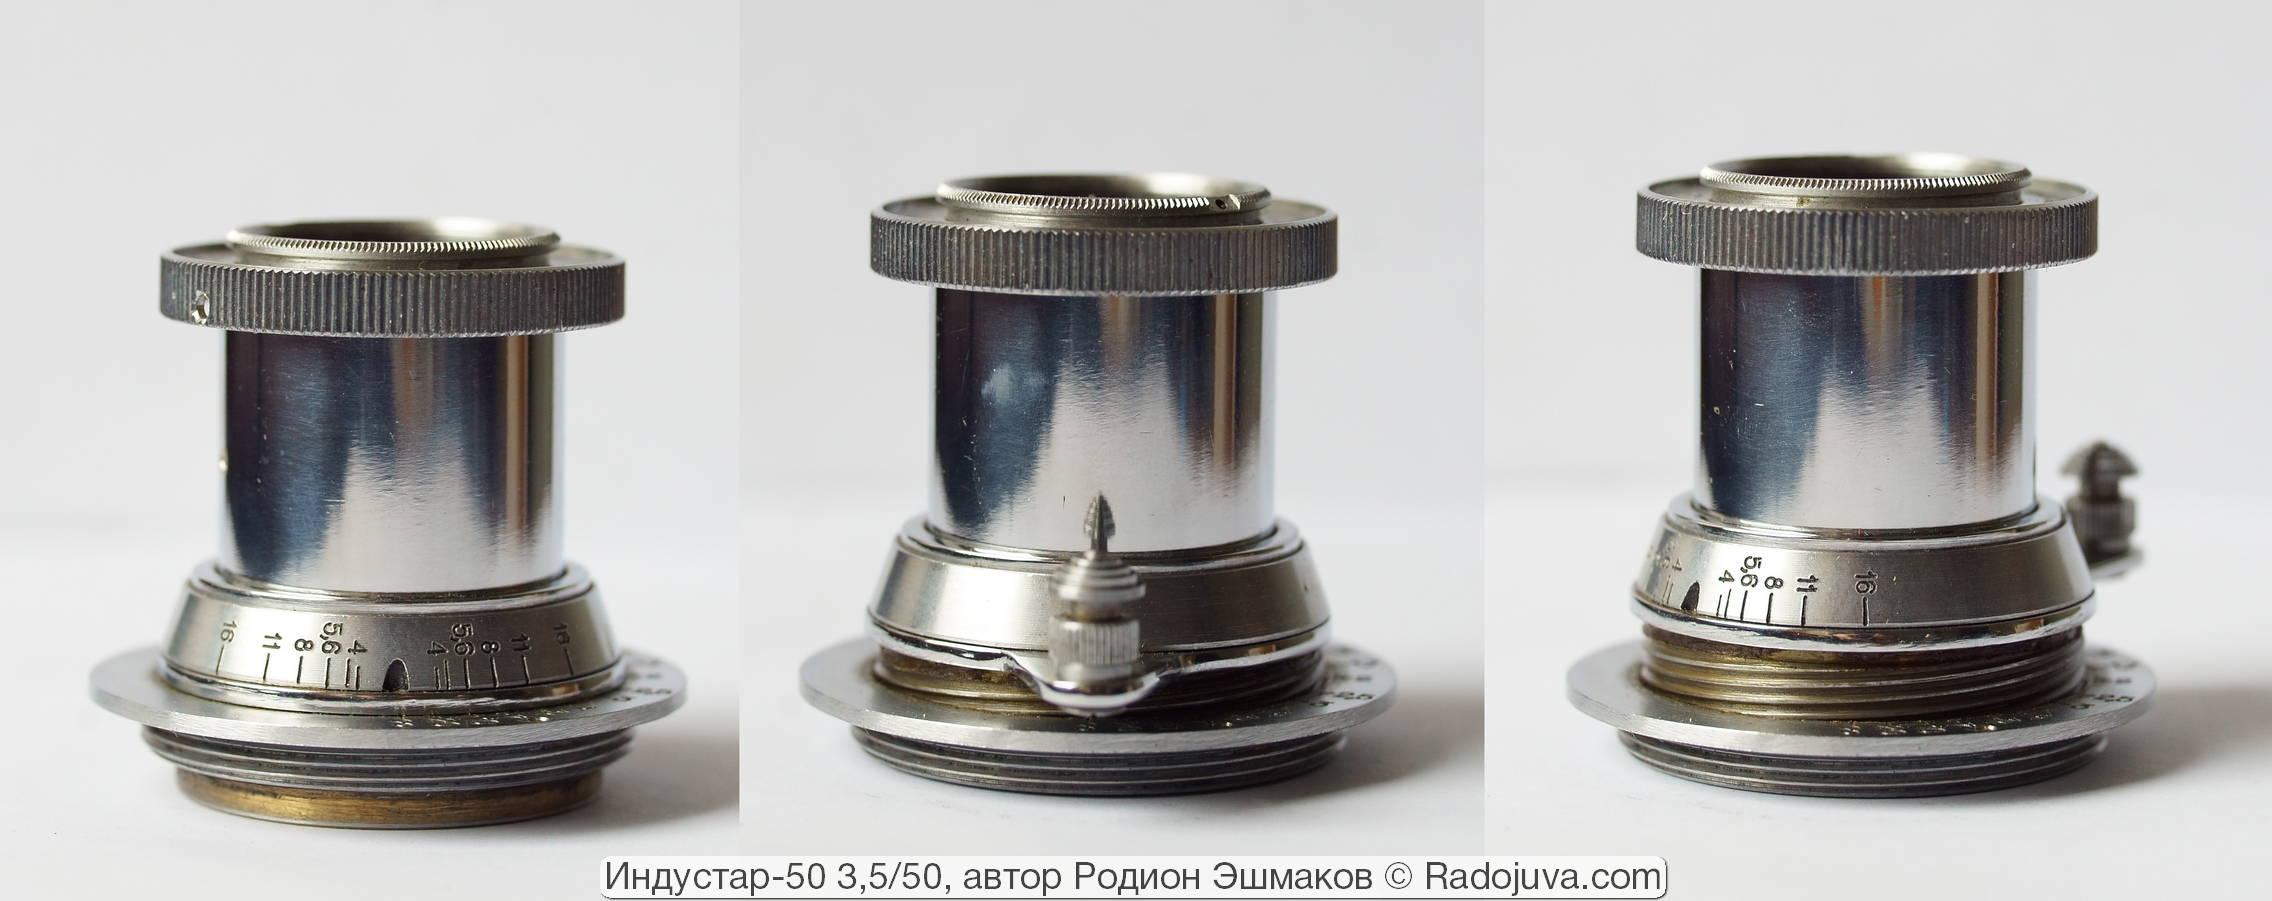 Изменение габаритов объектива при фокусировке от бесконечности к 1 м и к 0,65 м (слева направо).